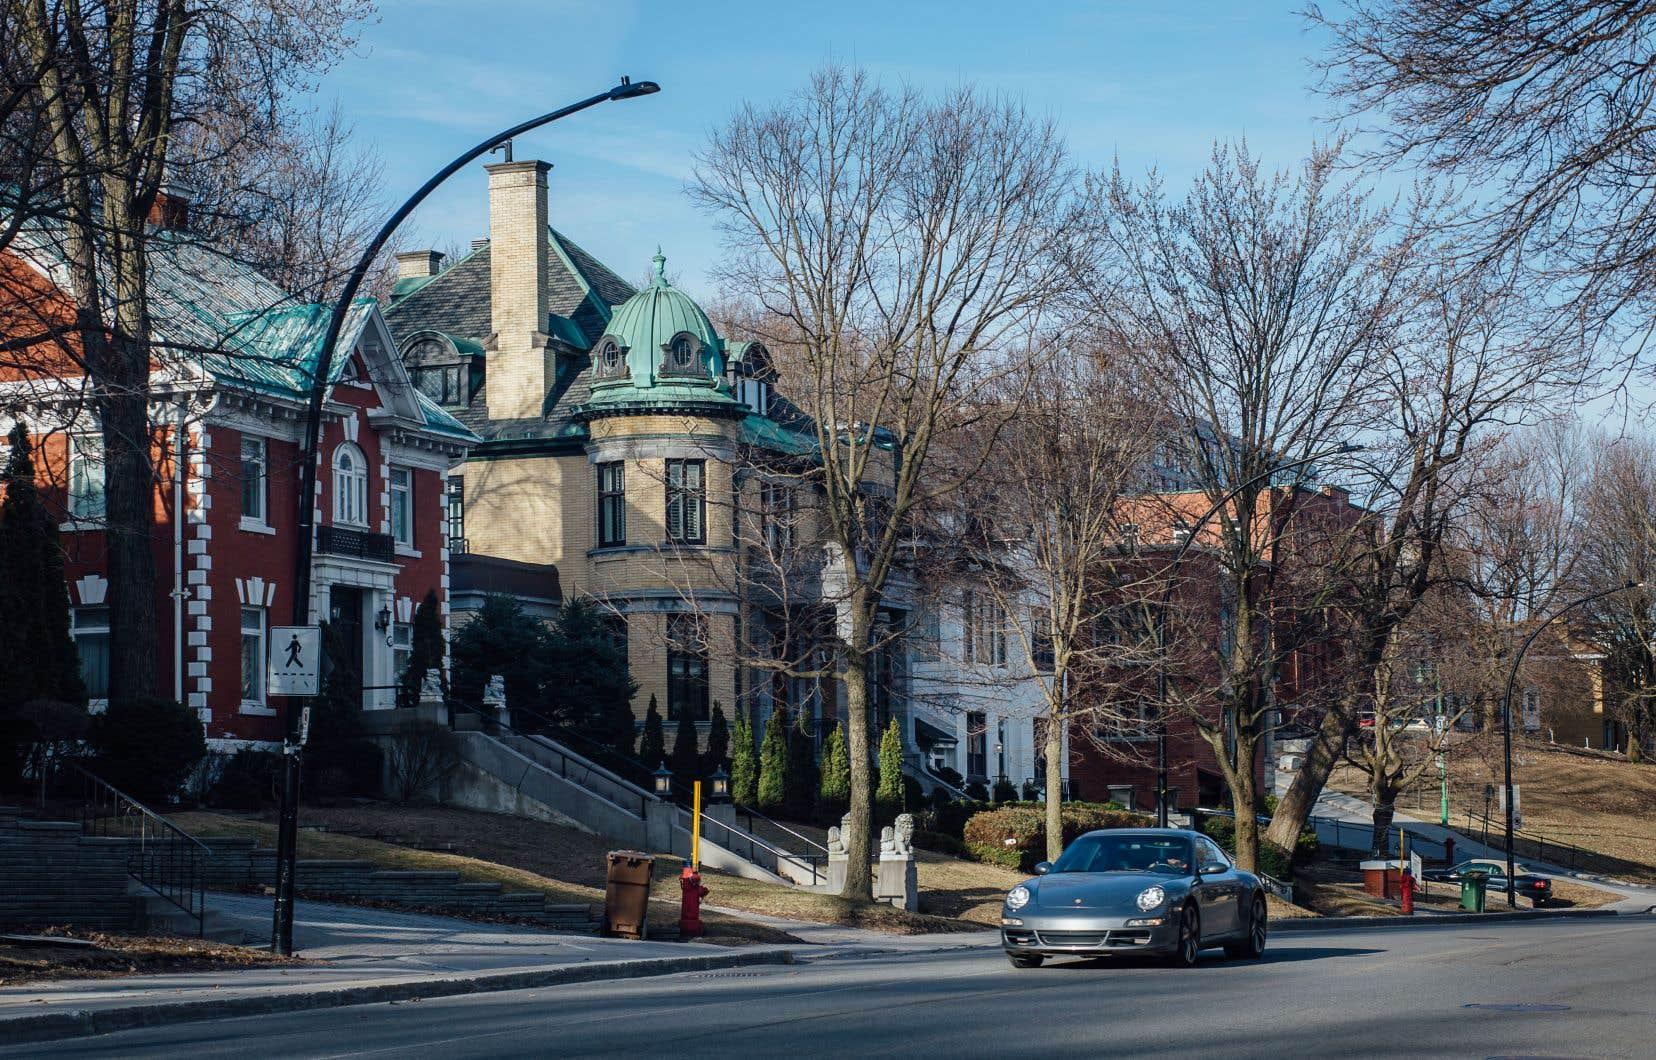 Selon les premières informations, le rassemblement s'est déroulé près d'un lieu de culte à Montréal, dans l'arrondissement Outremont.